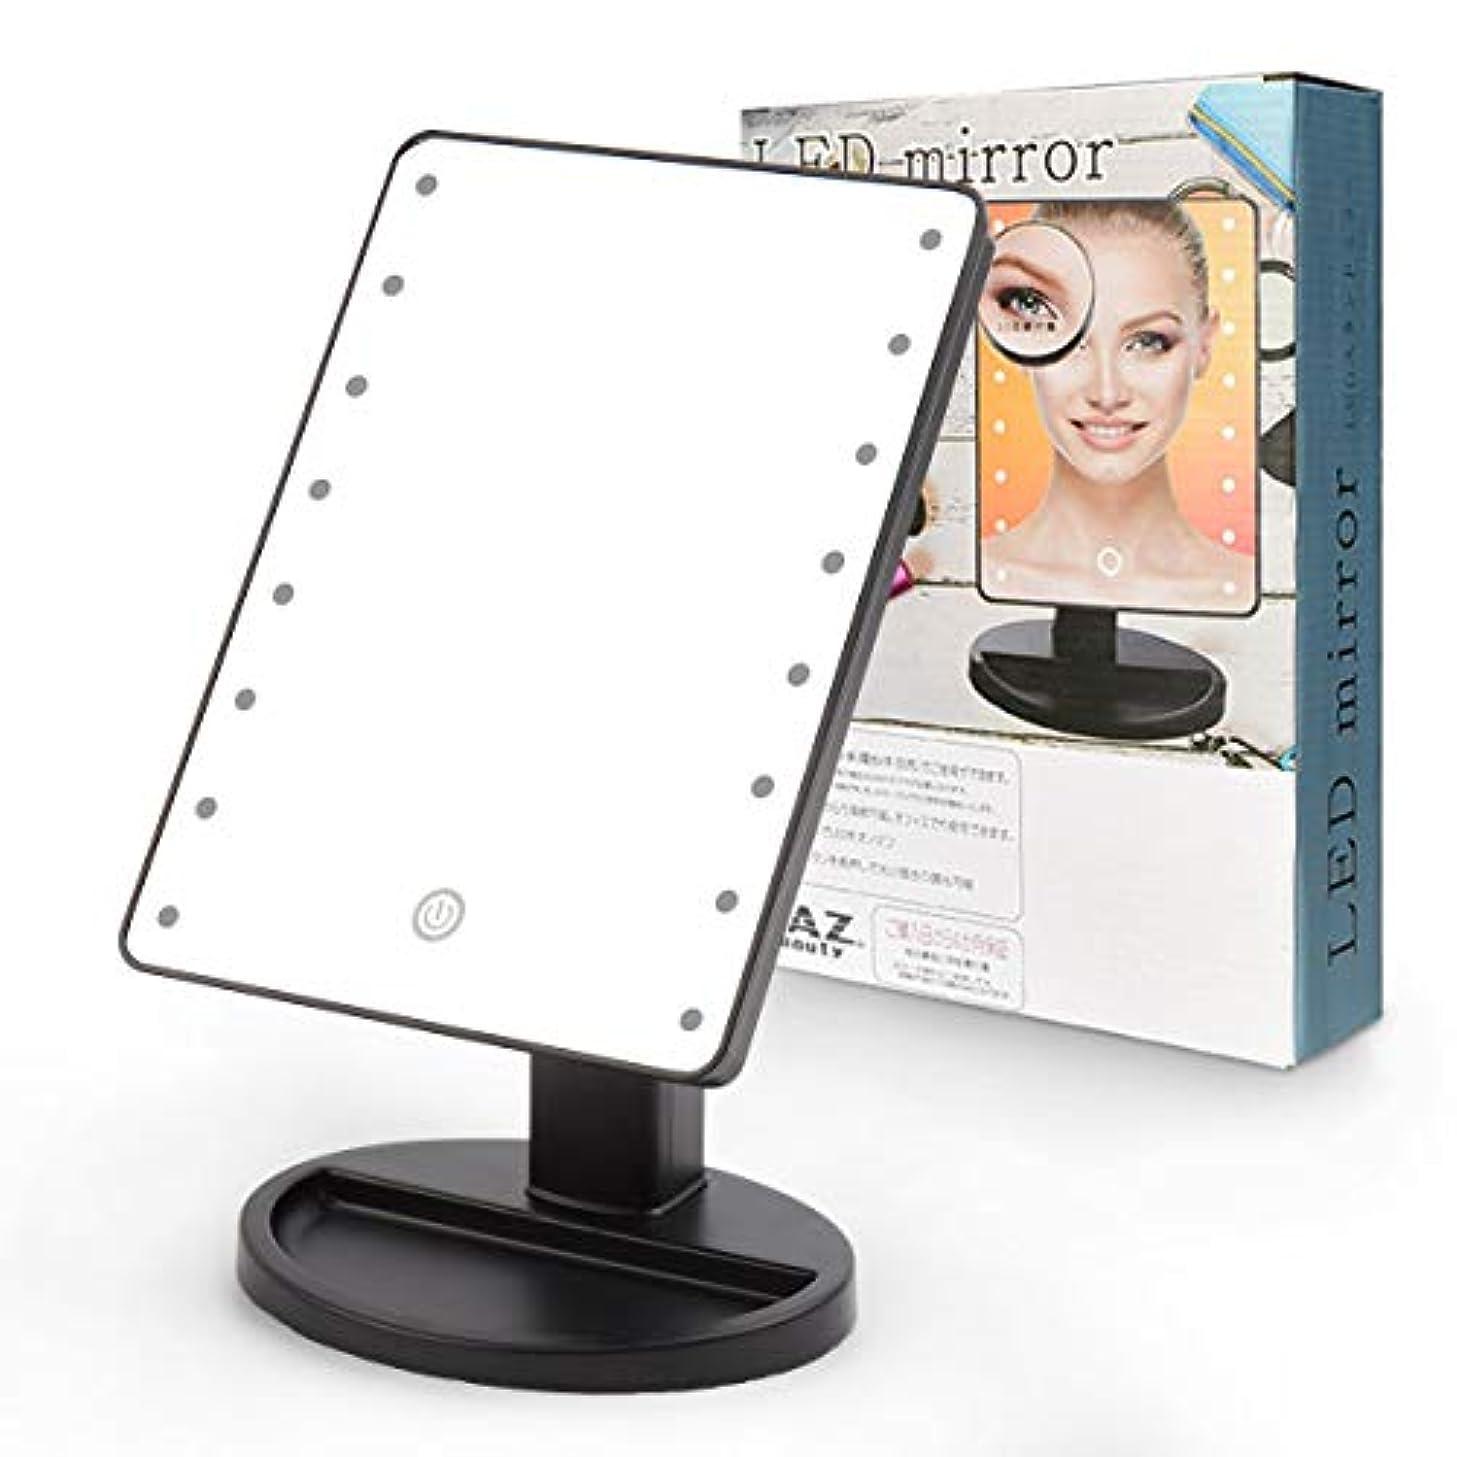 昼寝メタンバターZAZ LEDミラー 16LED 女優ミラー 10倍鏡 USBケーブル付属 角度調整可能 カラー:ブラック